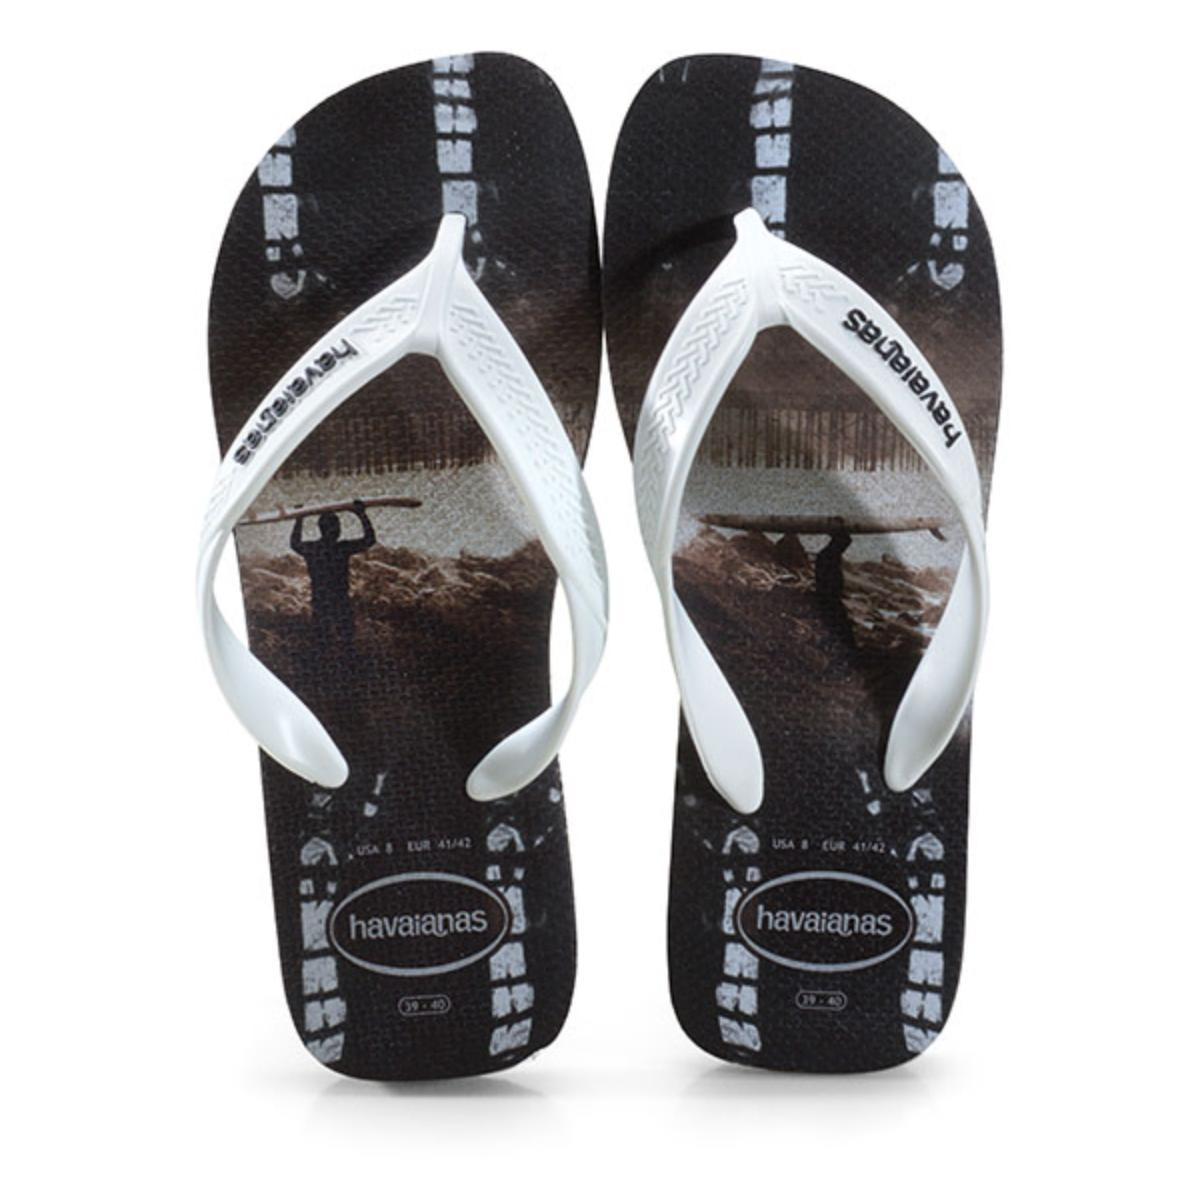 Chinelo Masculino Havaianas Surf Preto/branco/preto